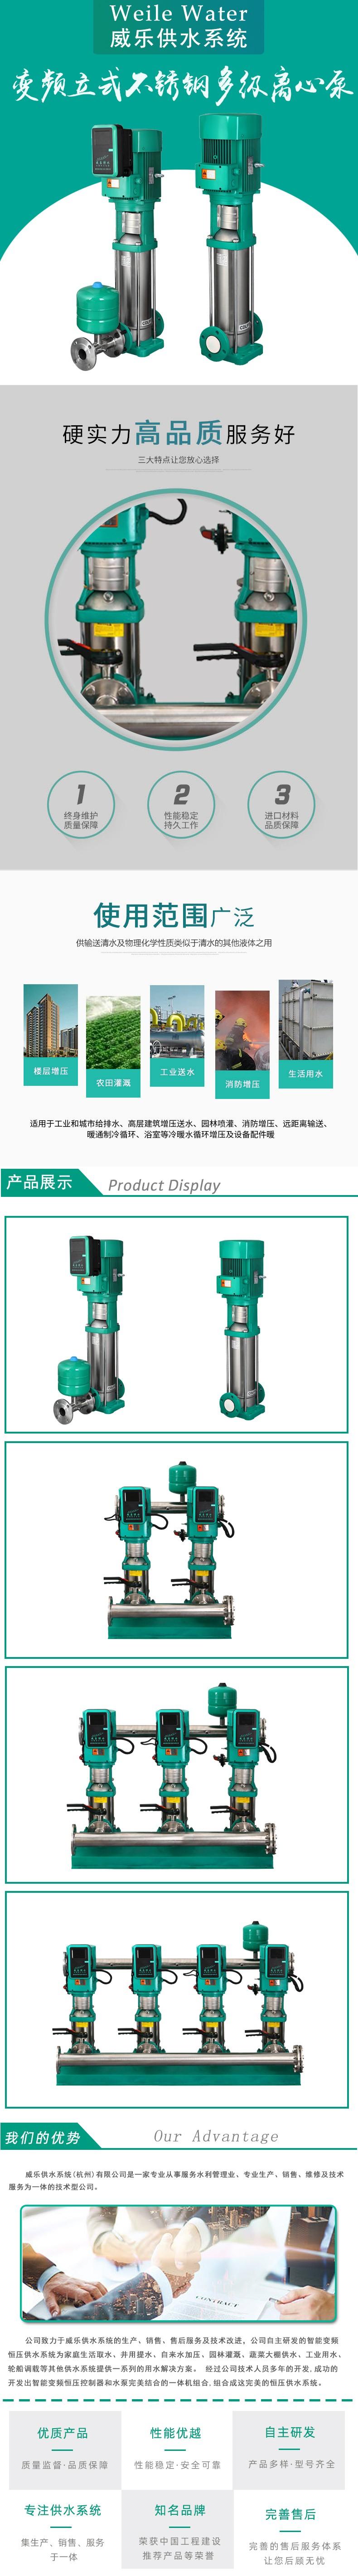 MVLPBX3变频供水泵组